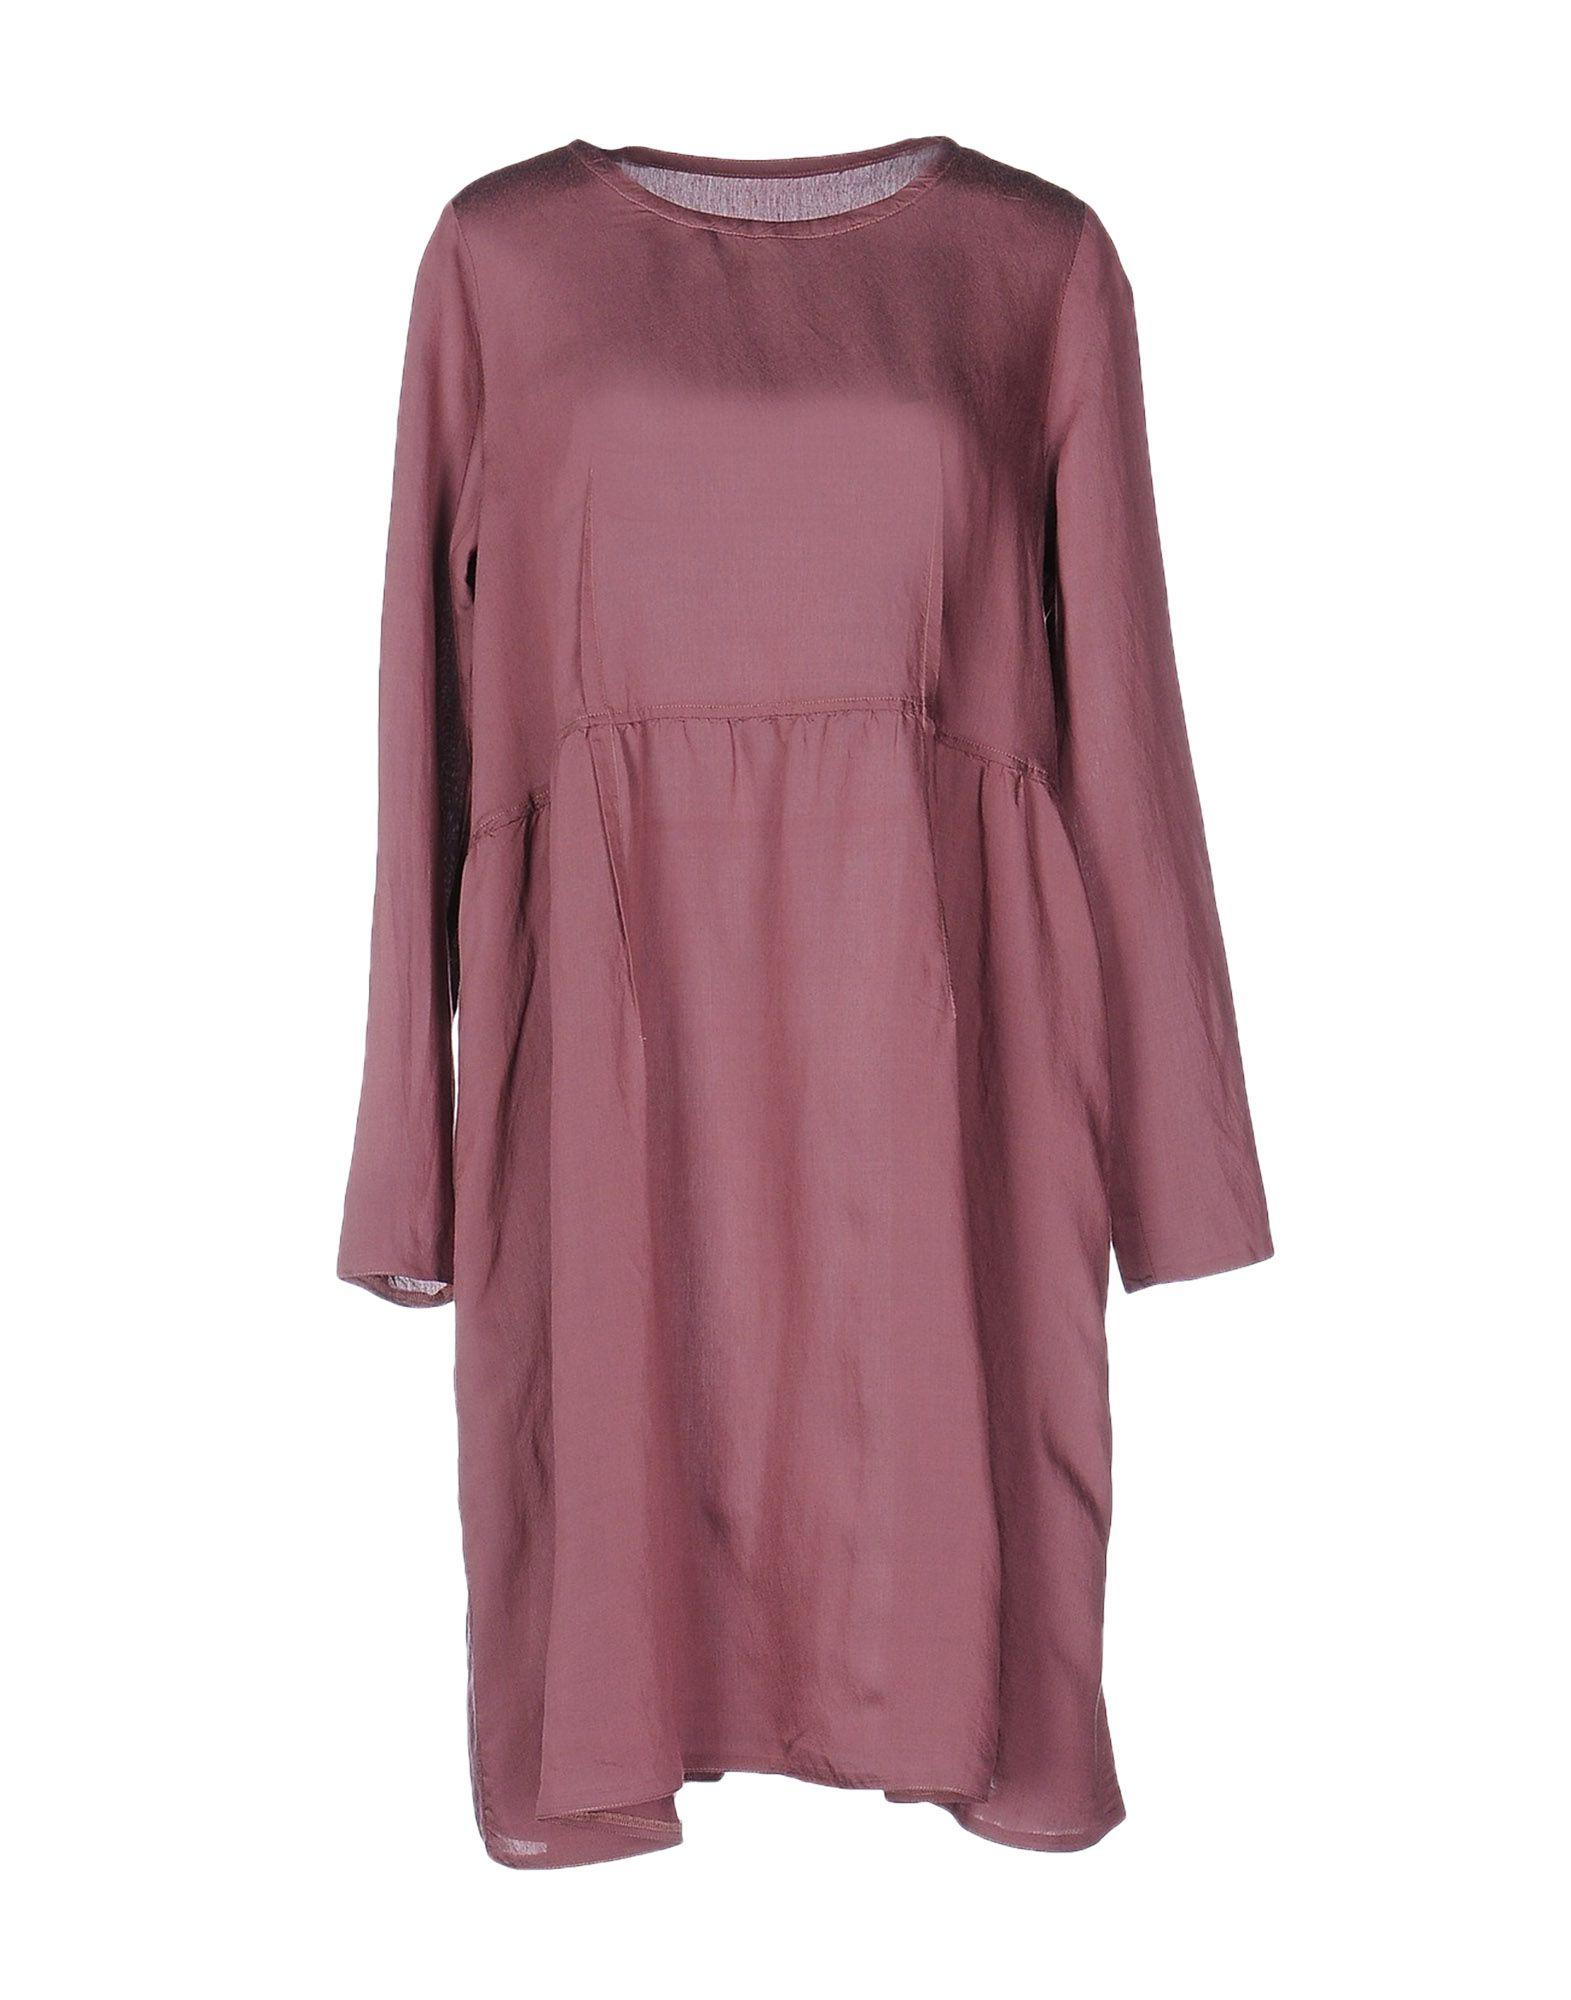 MM6 MAISON MARGIELA Damen Kurzes Kleid Farbe Malve Größe 3 - broschei